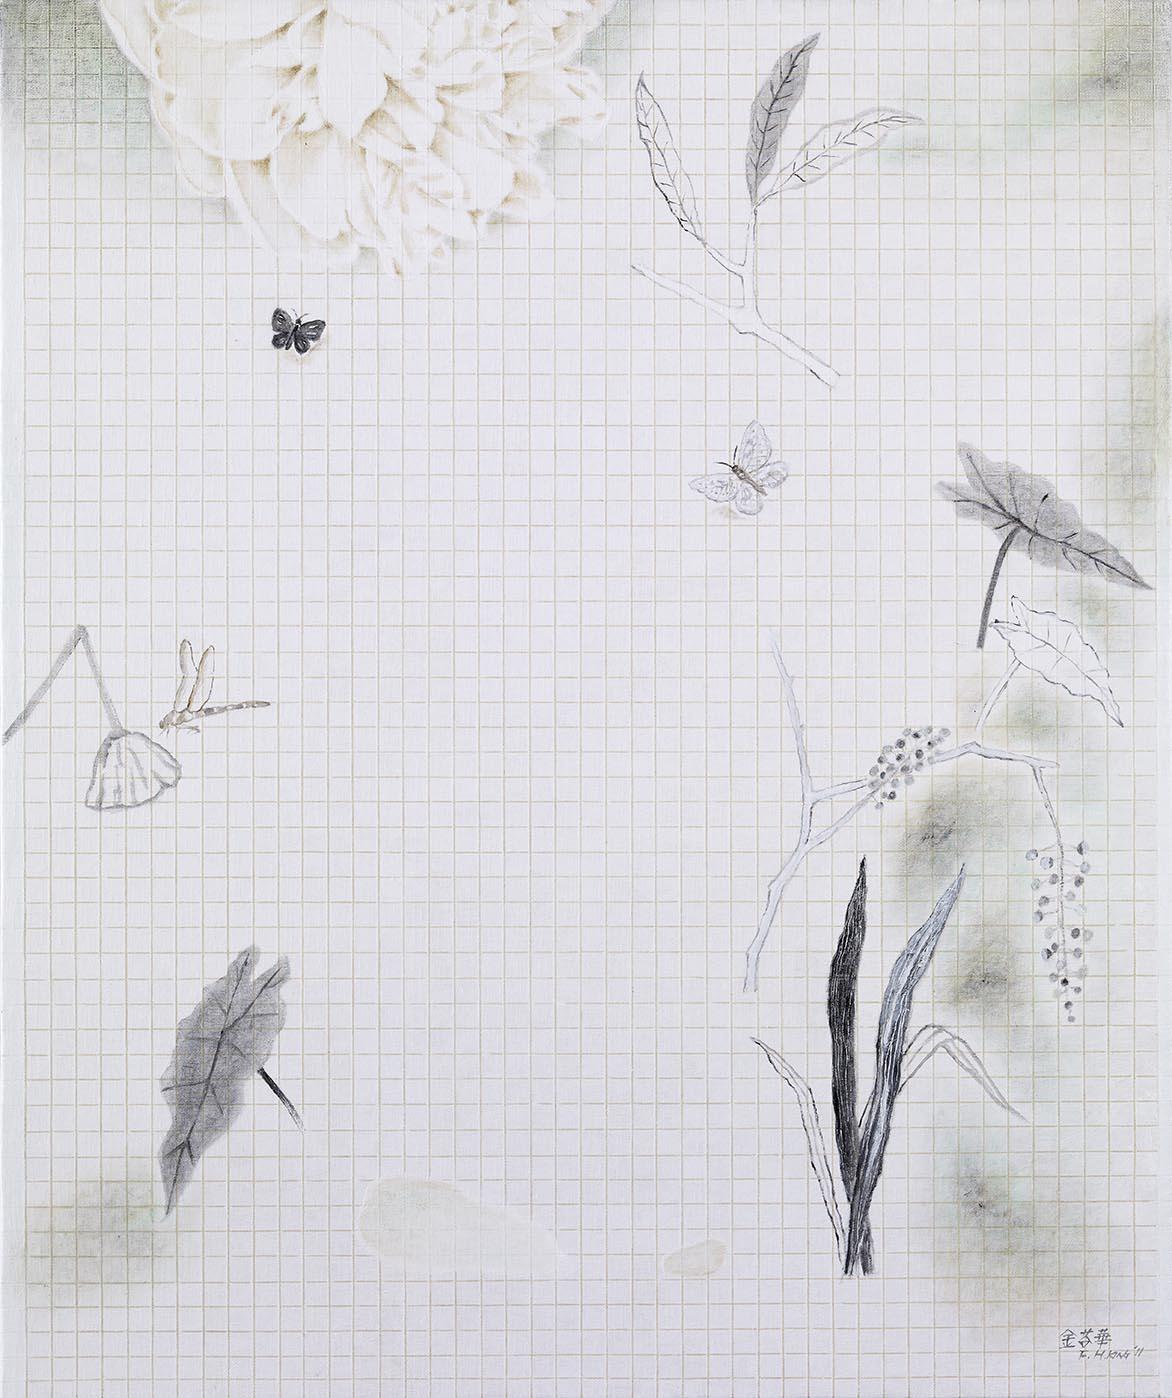 金芬華 白調 油彩畫布 72.5x60.5cm